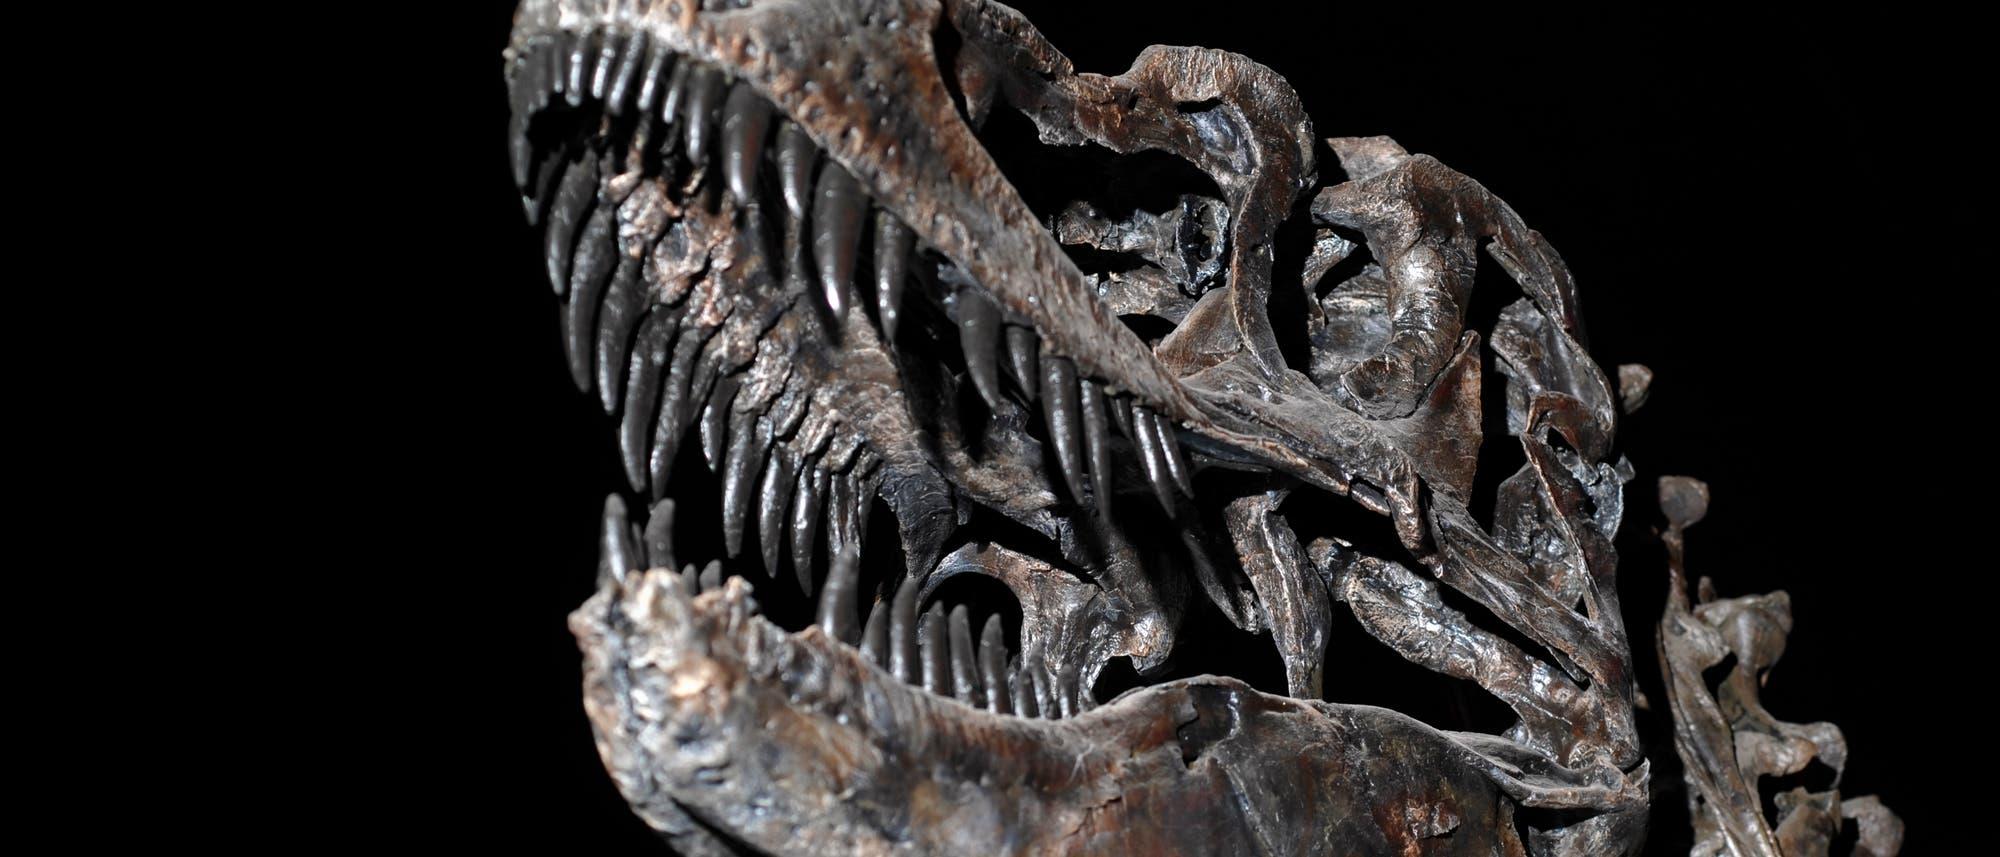 Der Schädel eines T. rex